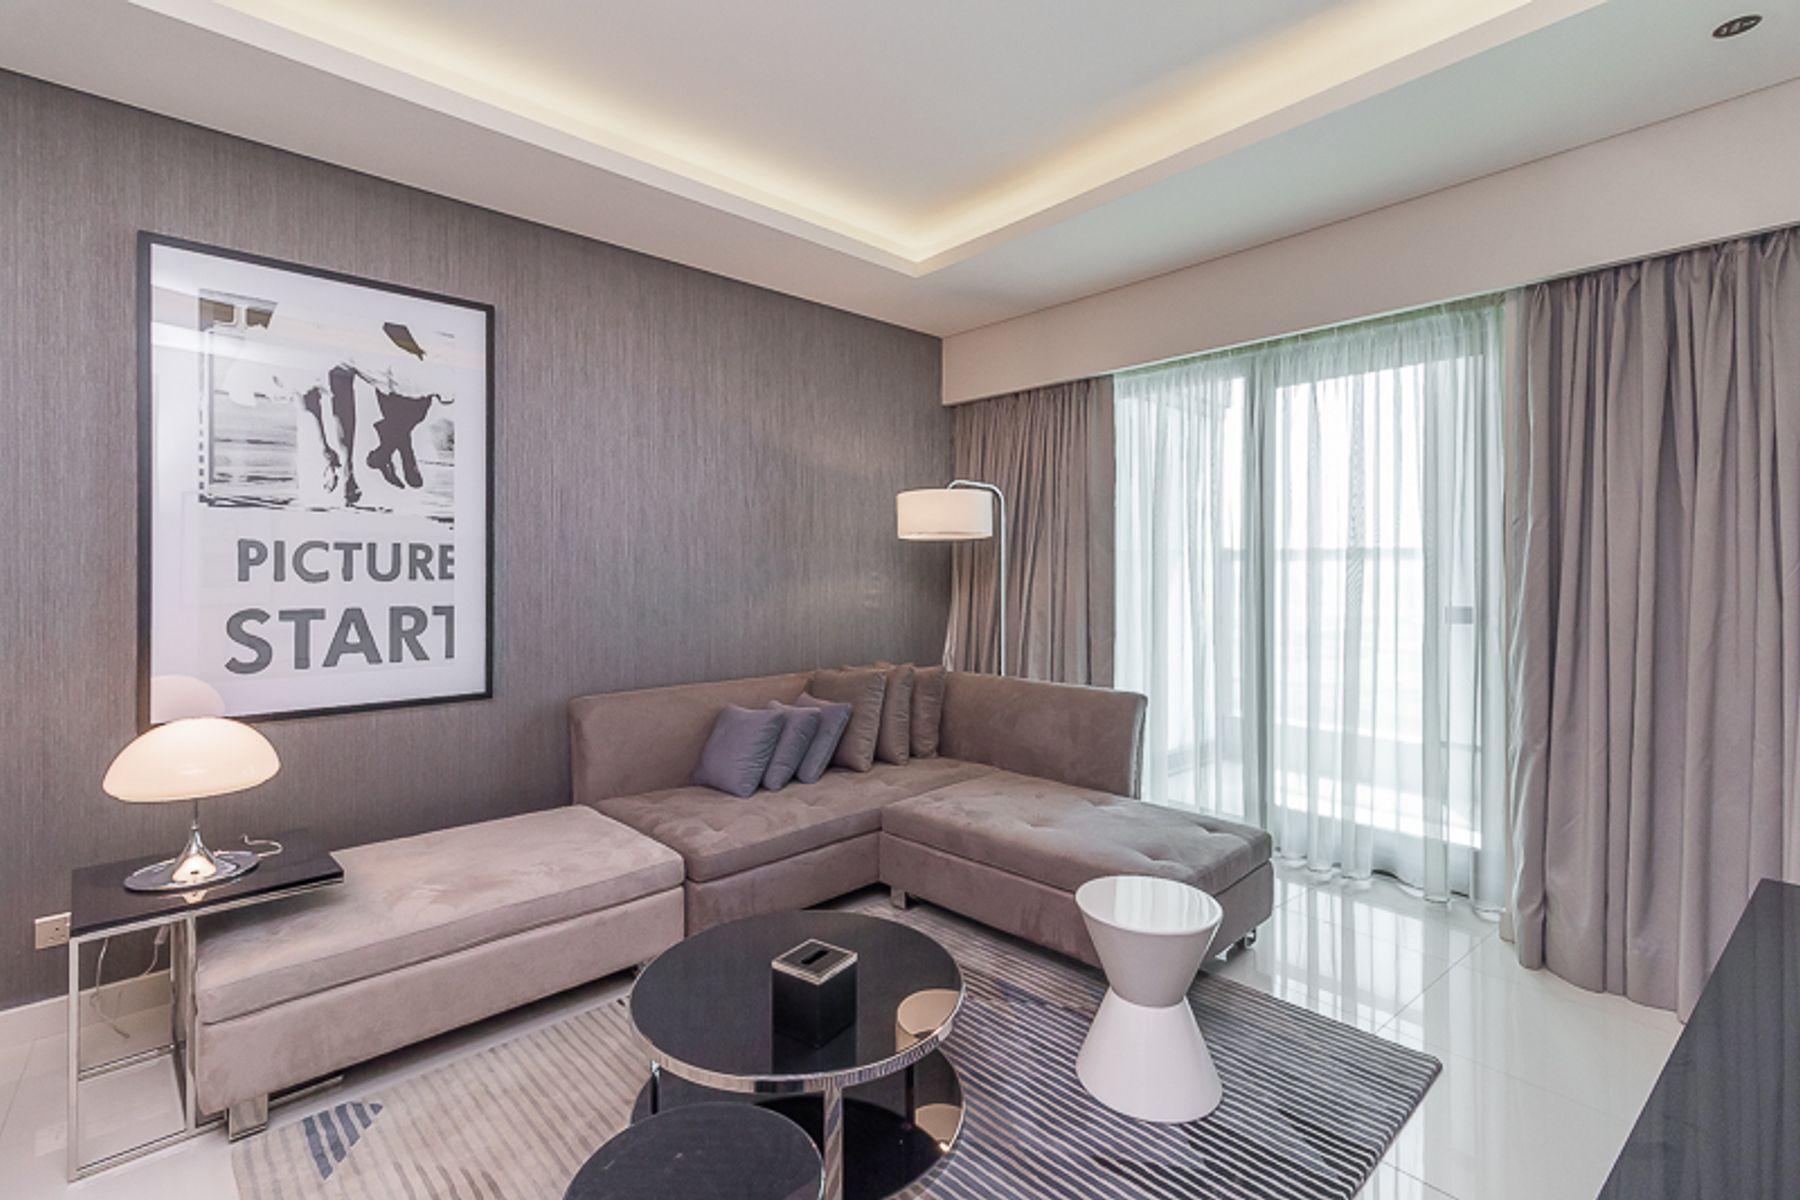 للبيع - شقة - B برج - الخليج التجاري